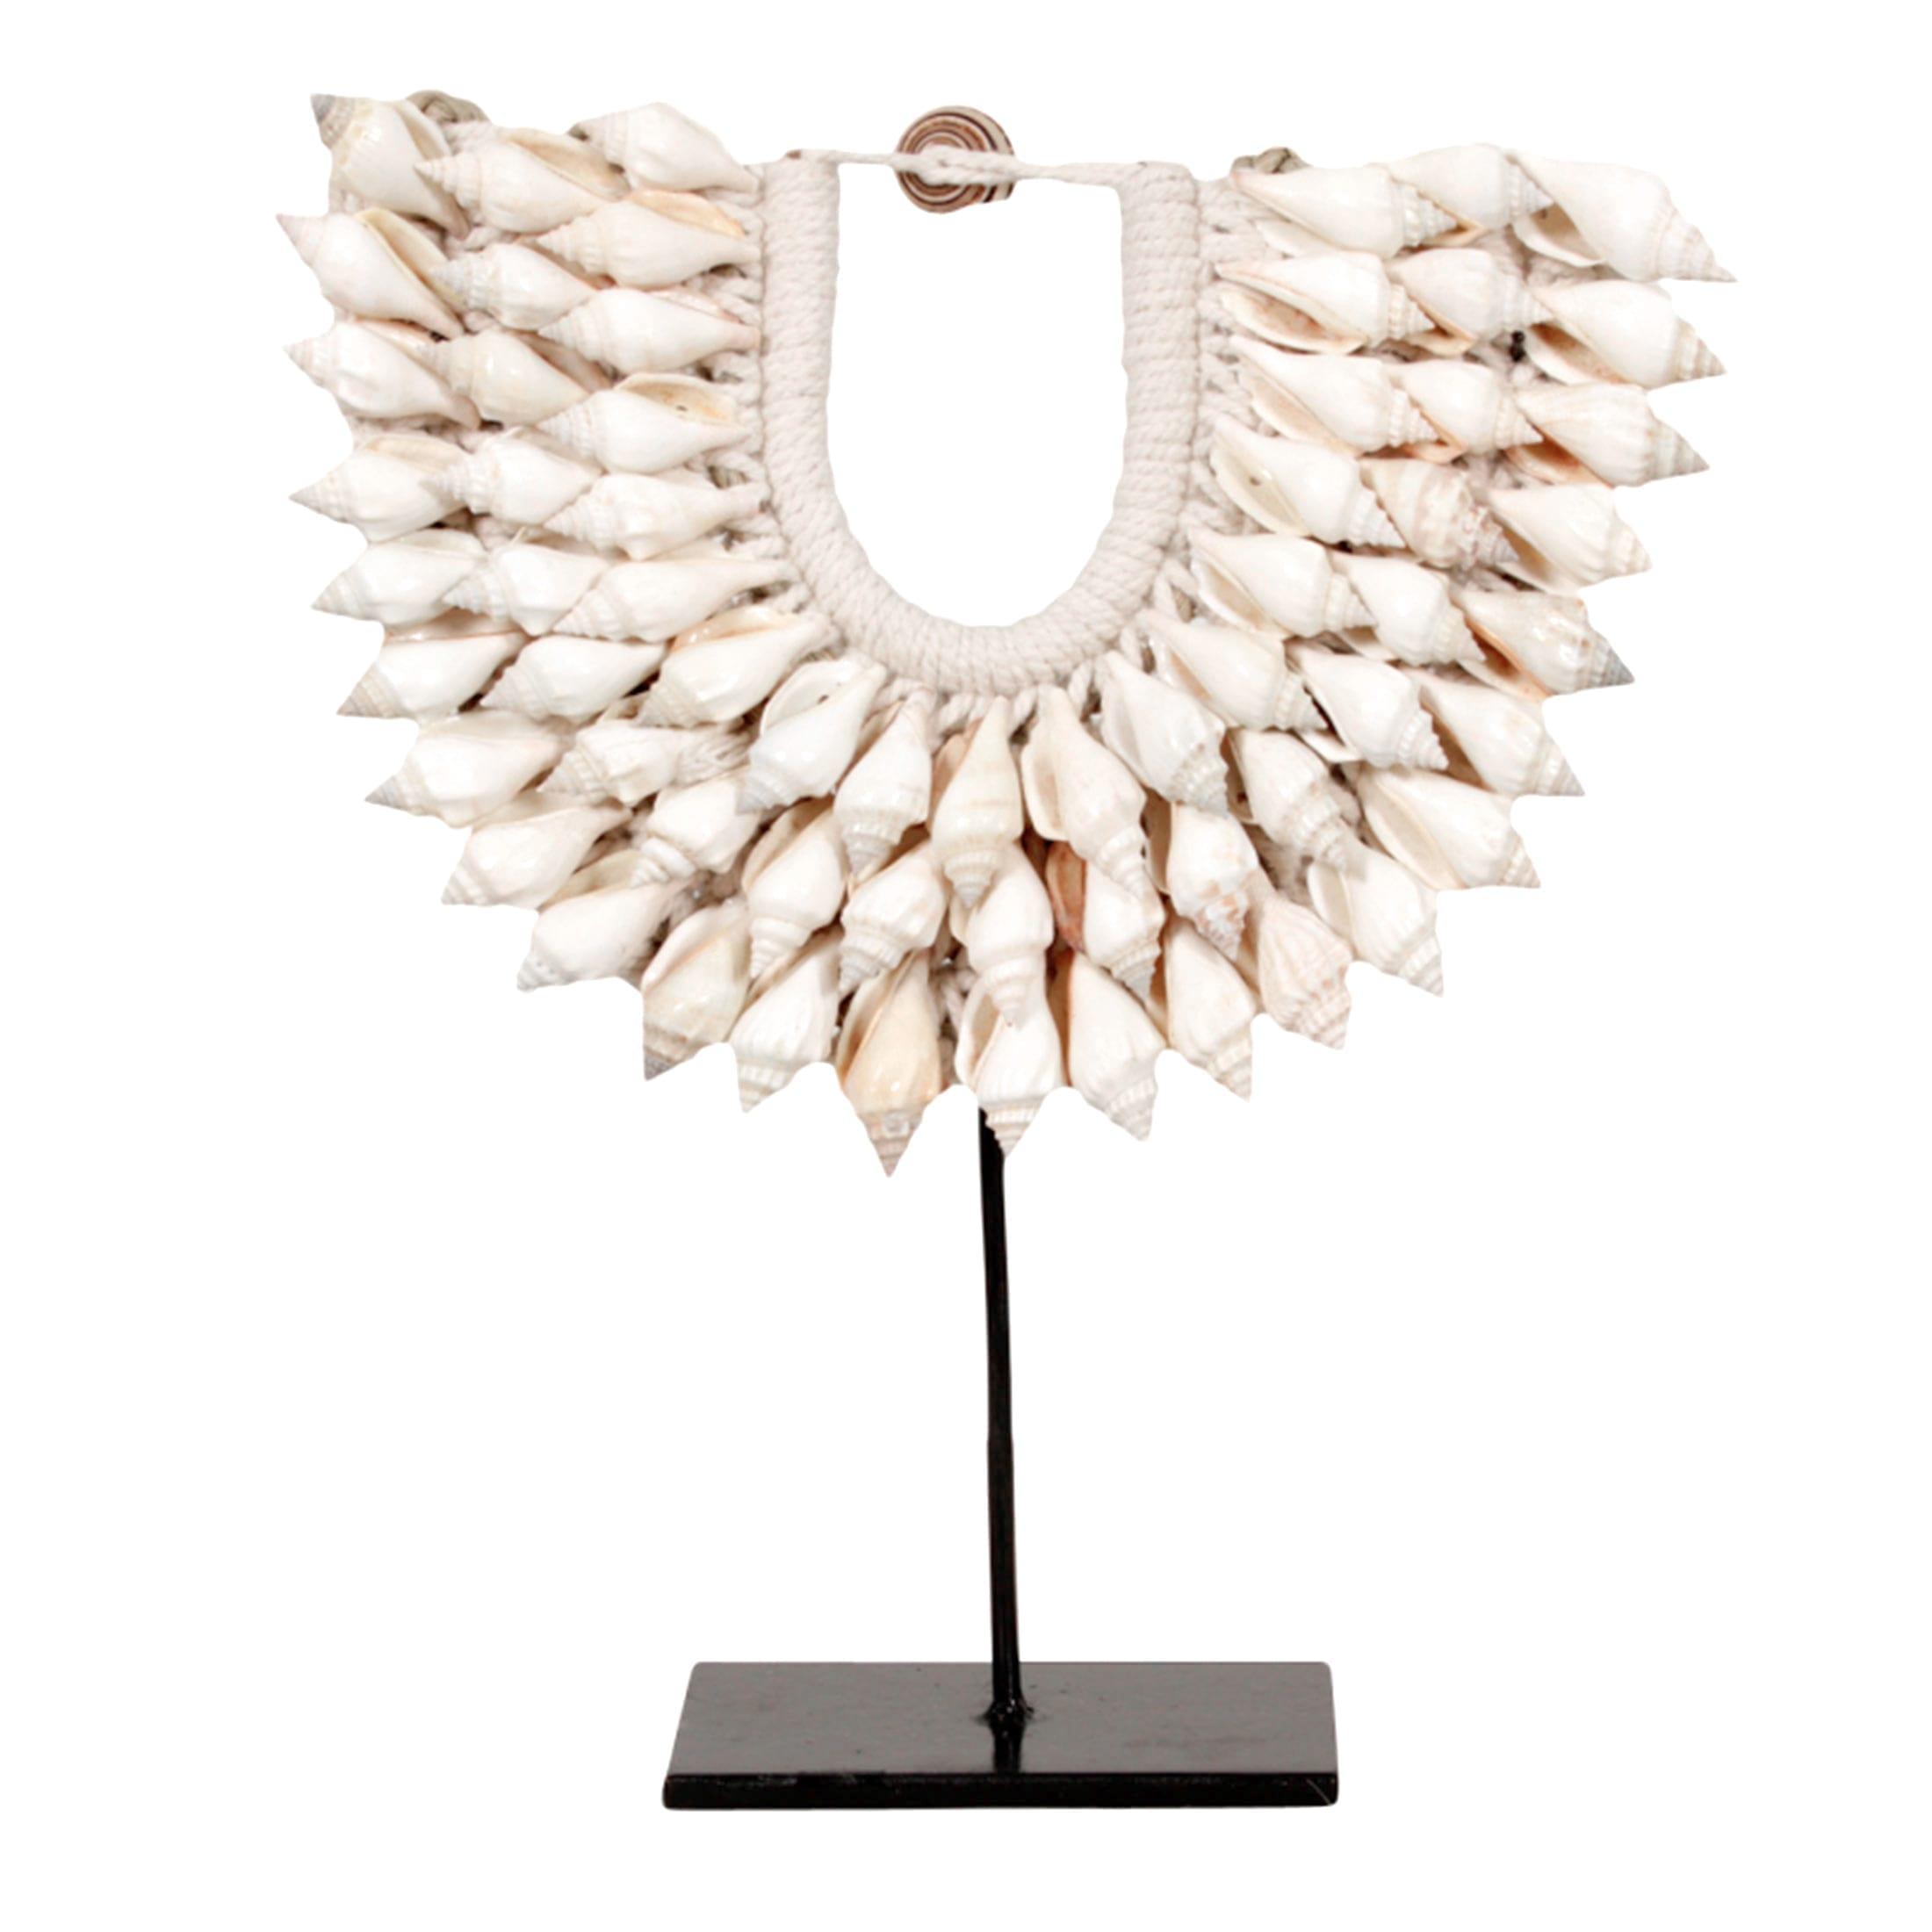 Dekoration aus Muscheln   Replik einer Halskette aus Papua, die auf einem Ständer aus schwarzem Metall ausgestellt ist   Bohemian Dekoration   Boho